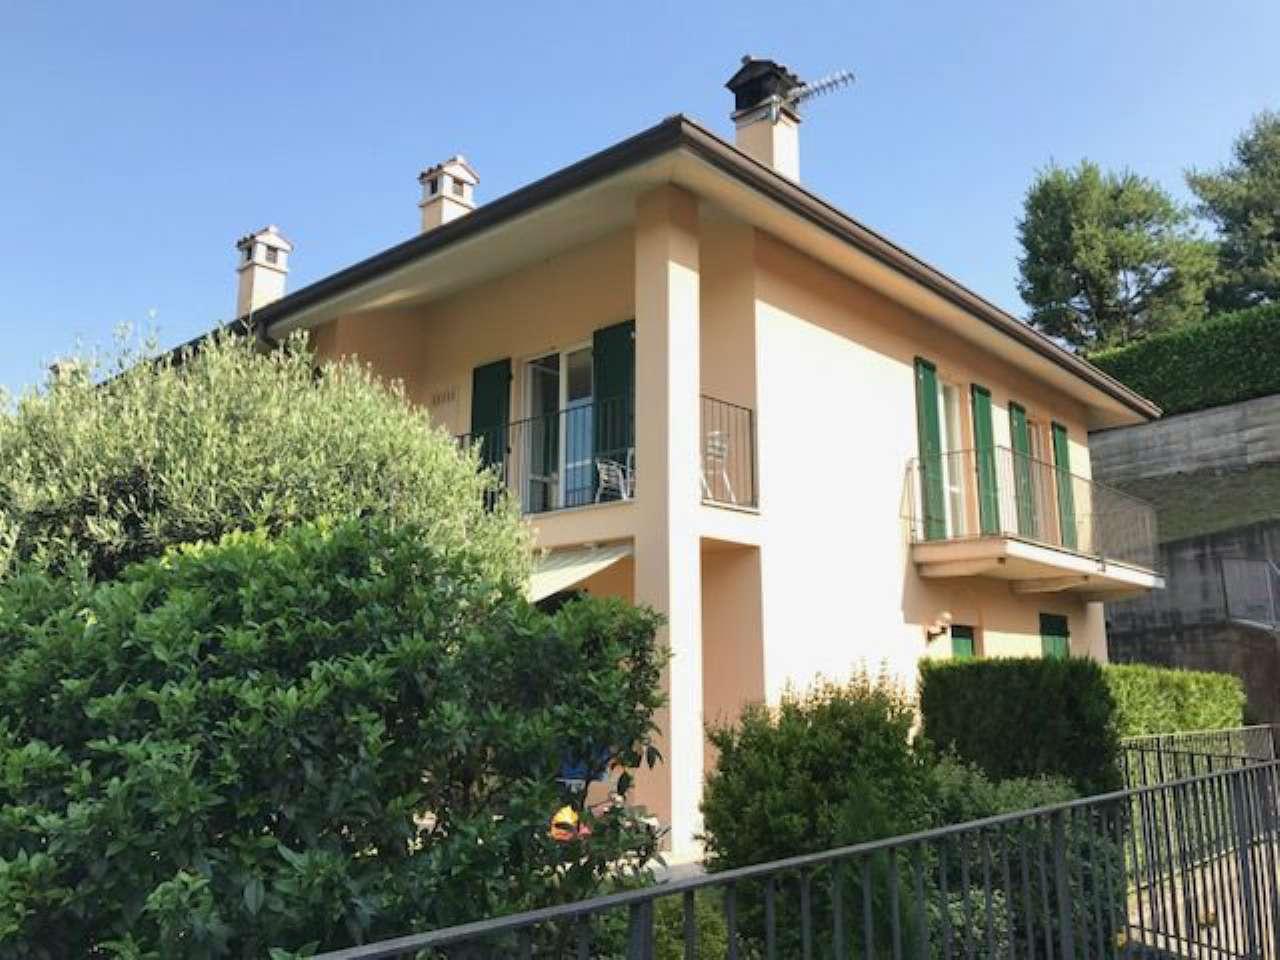 Appartamento in vendita a Bosisio Parini, 3 locali, prezzo € 195.000 | CambioCasa.it